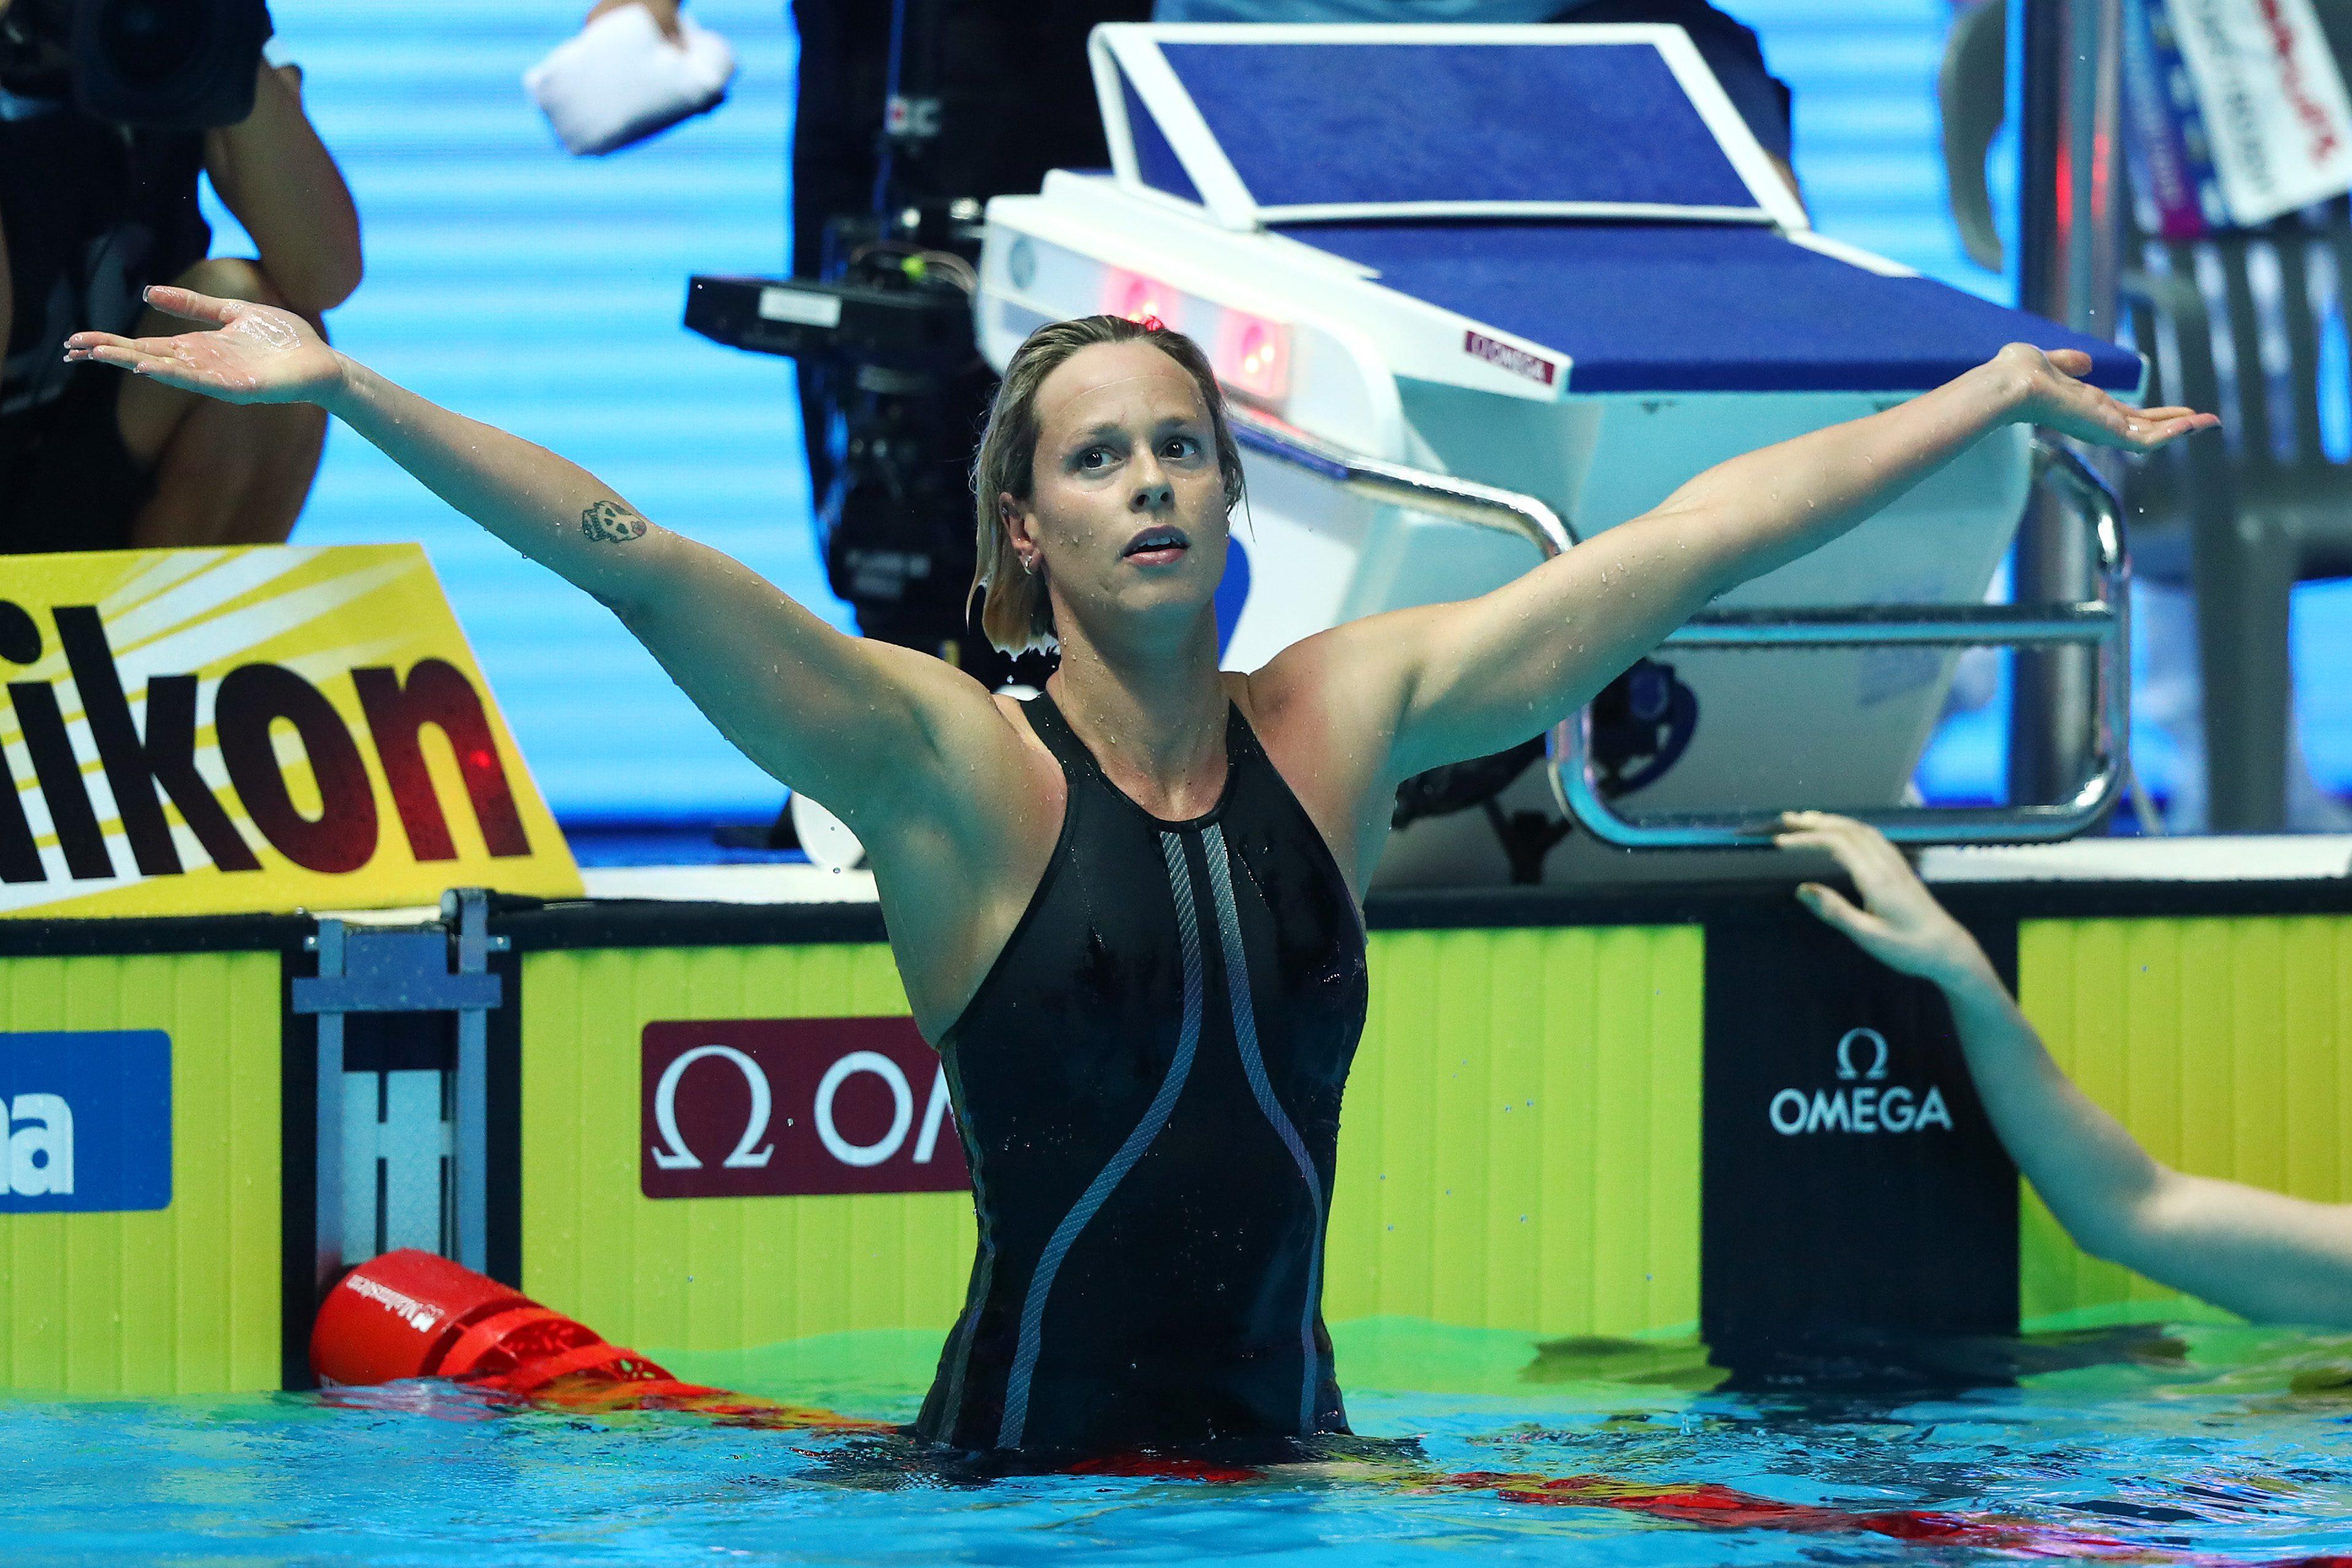 69e662cedb9f Mondiali Nuoto 2019, Federica Pellegrini vince l'oro nei 200 stile libero